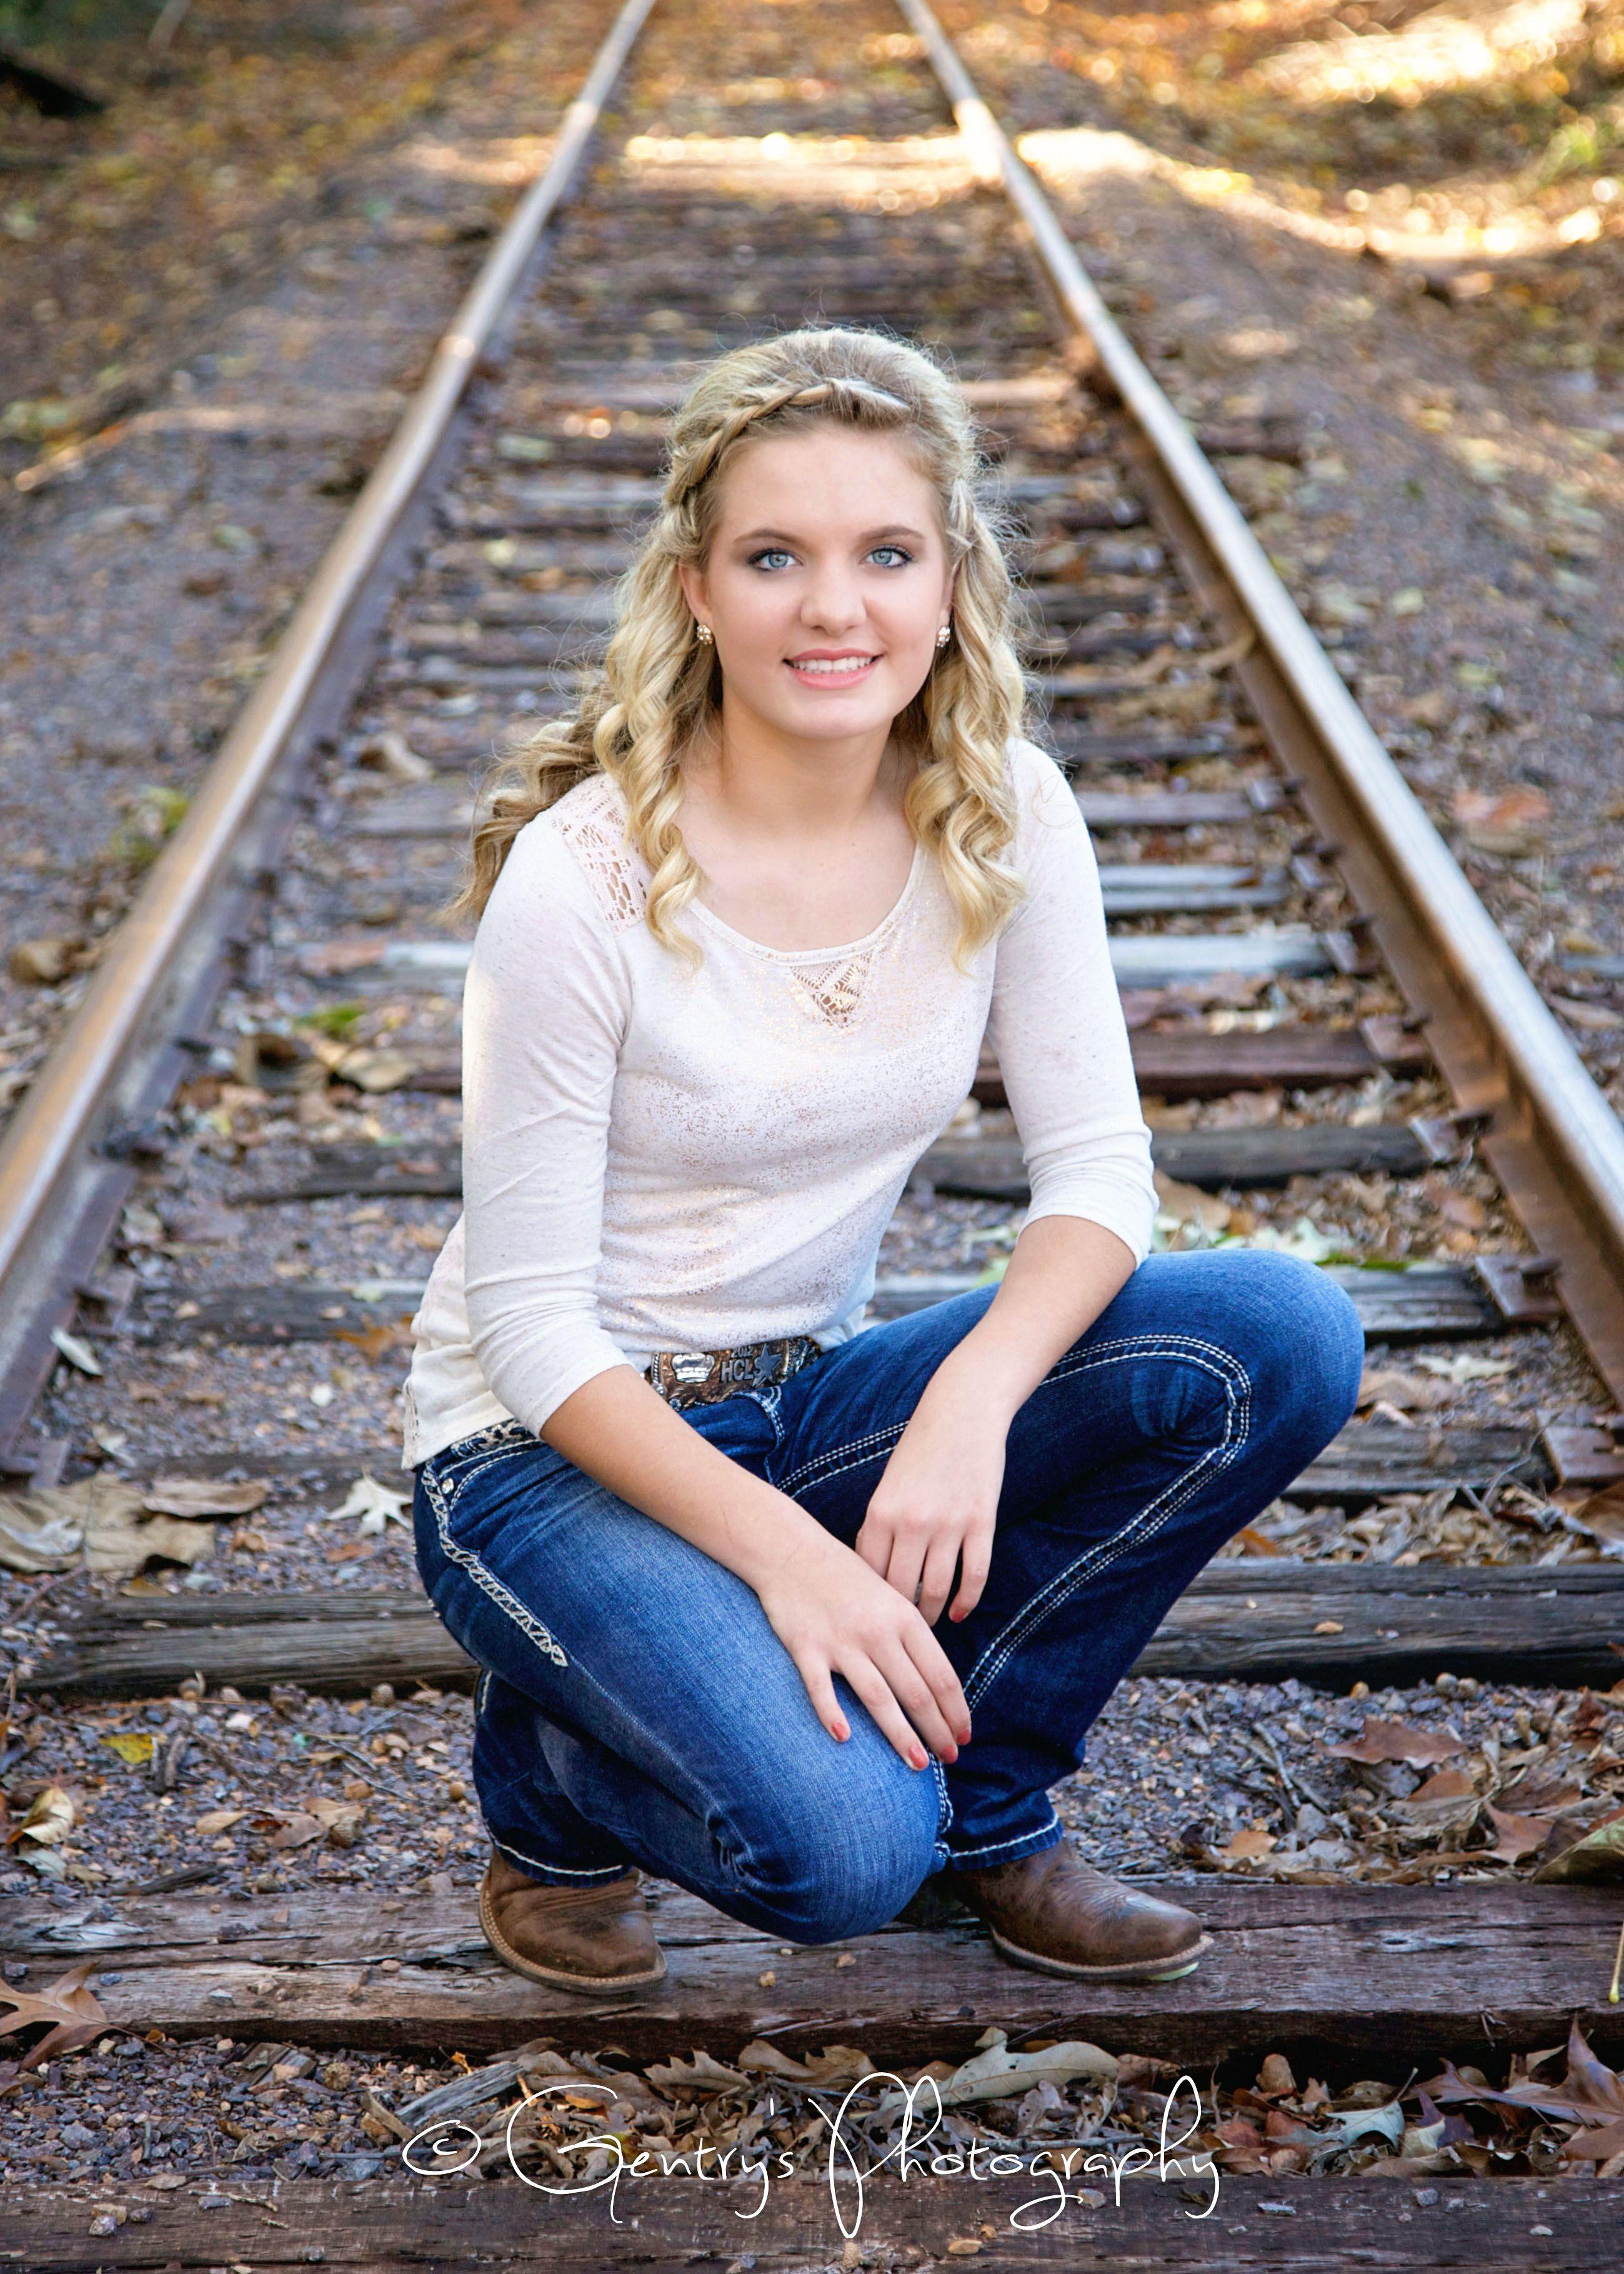 Trucks For Sale In East Texas >> Karlie, Sweet 16, girl, Teenage, kid, blue eyes, boots, railroad tracks, old truck, rustic ...